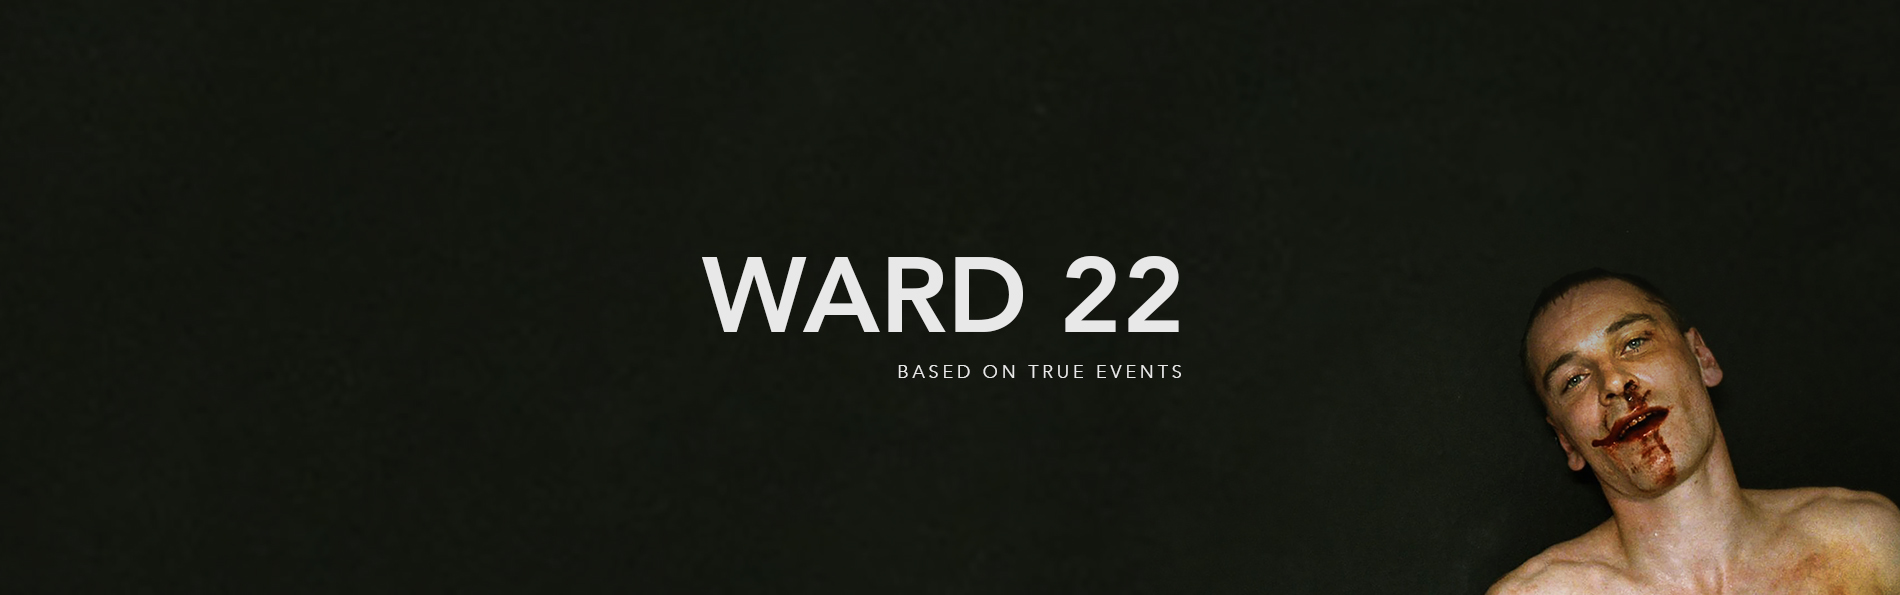 Ward 22